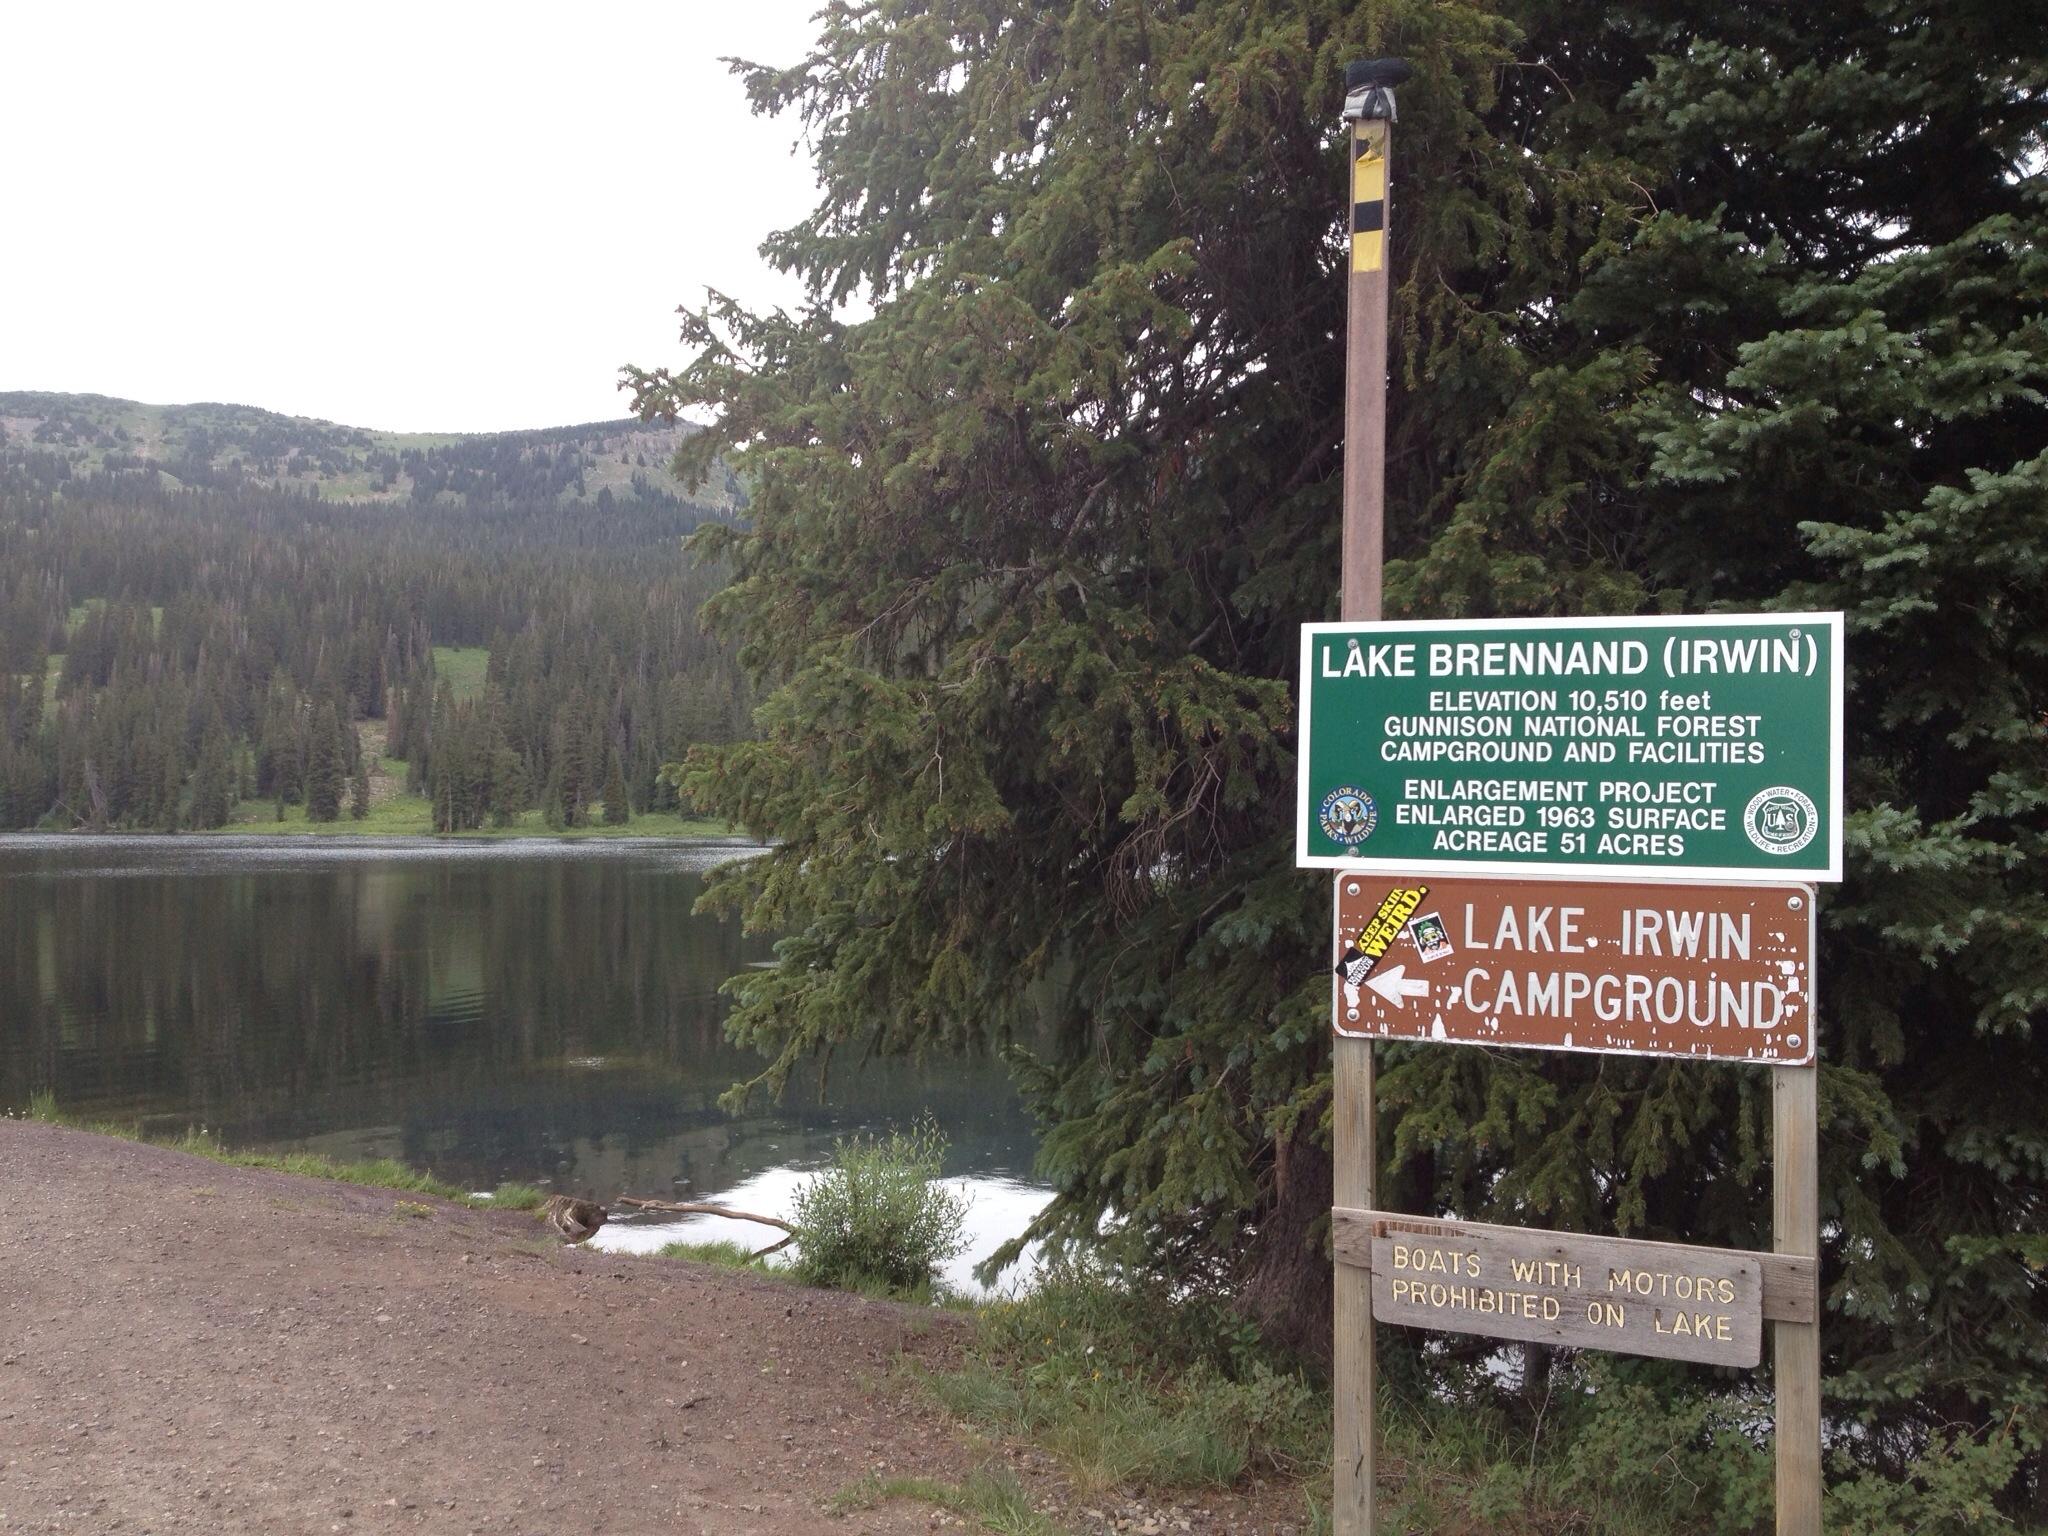 Lake irwin near crested butte colorado